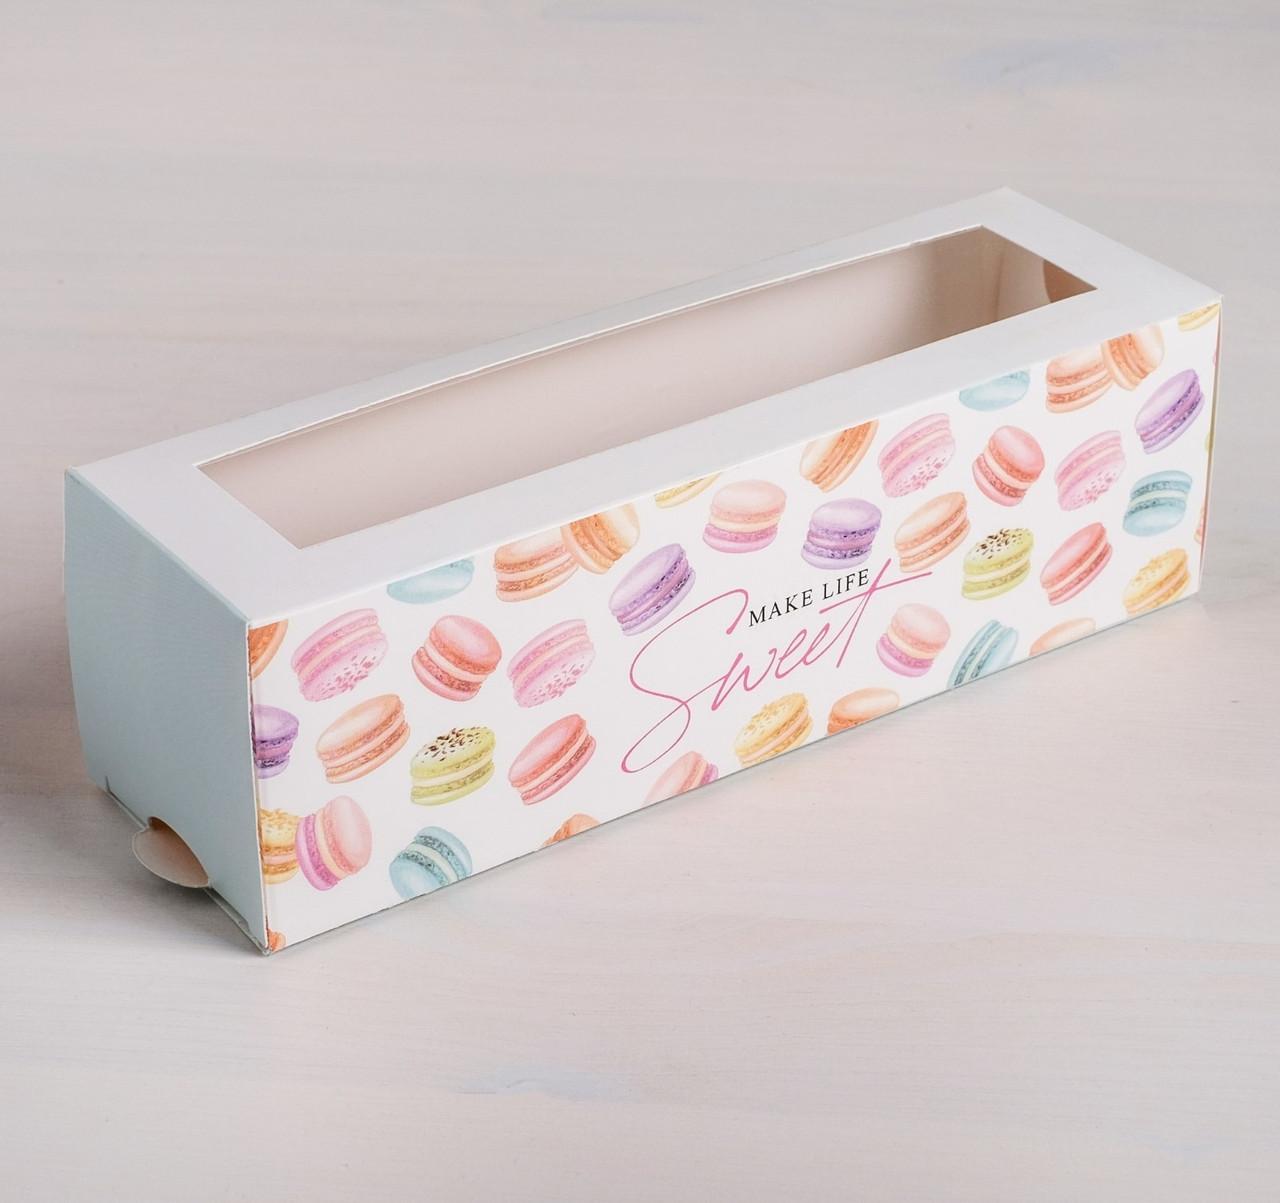 Коробка складная Make life sweet 18 х 5,5 х 5,5 см - фото 1